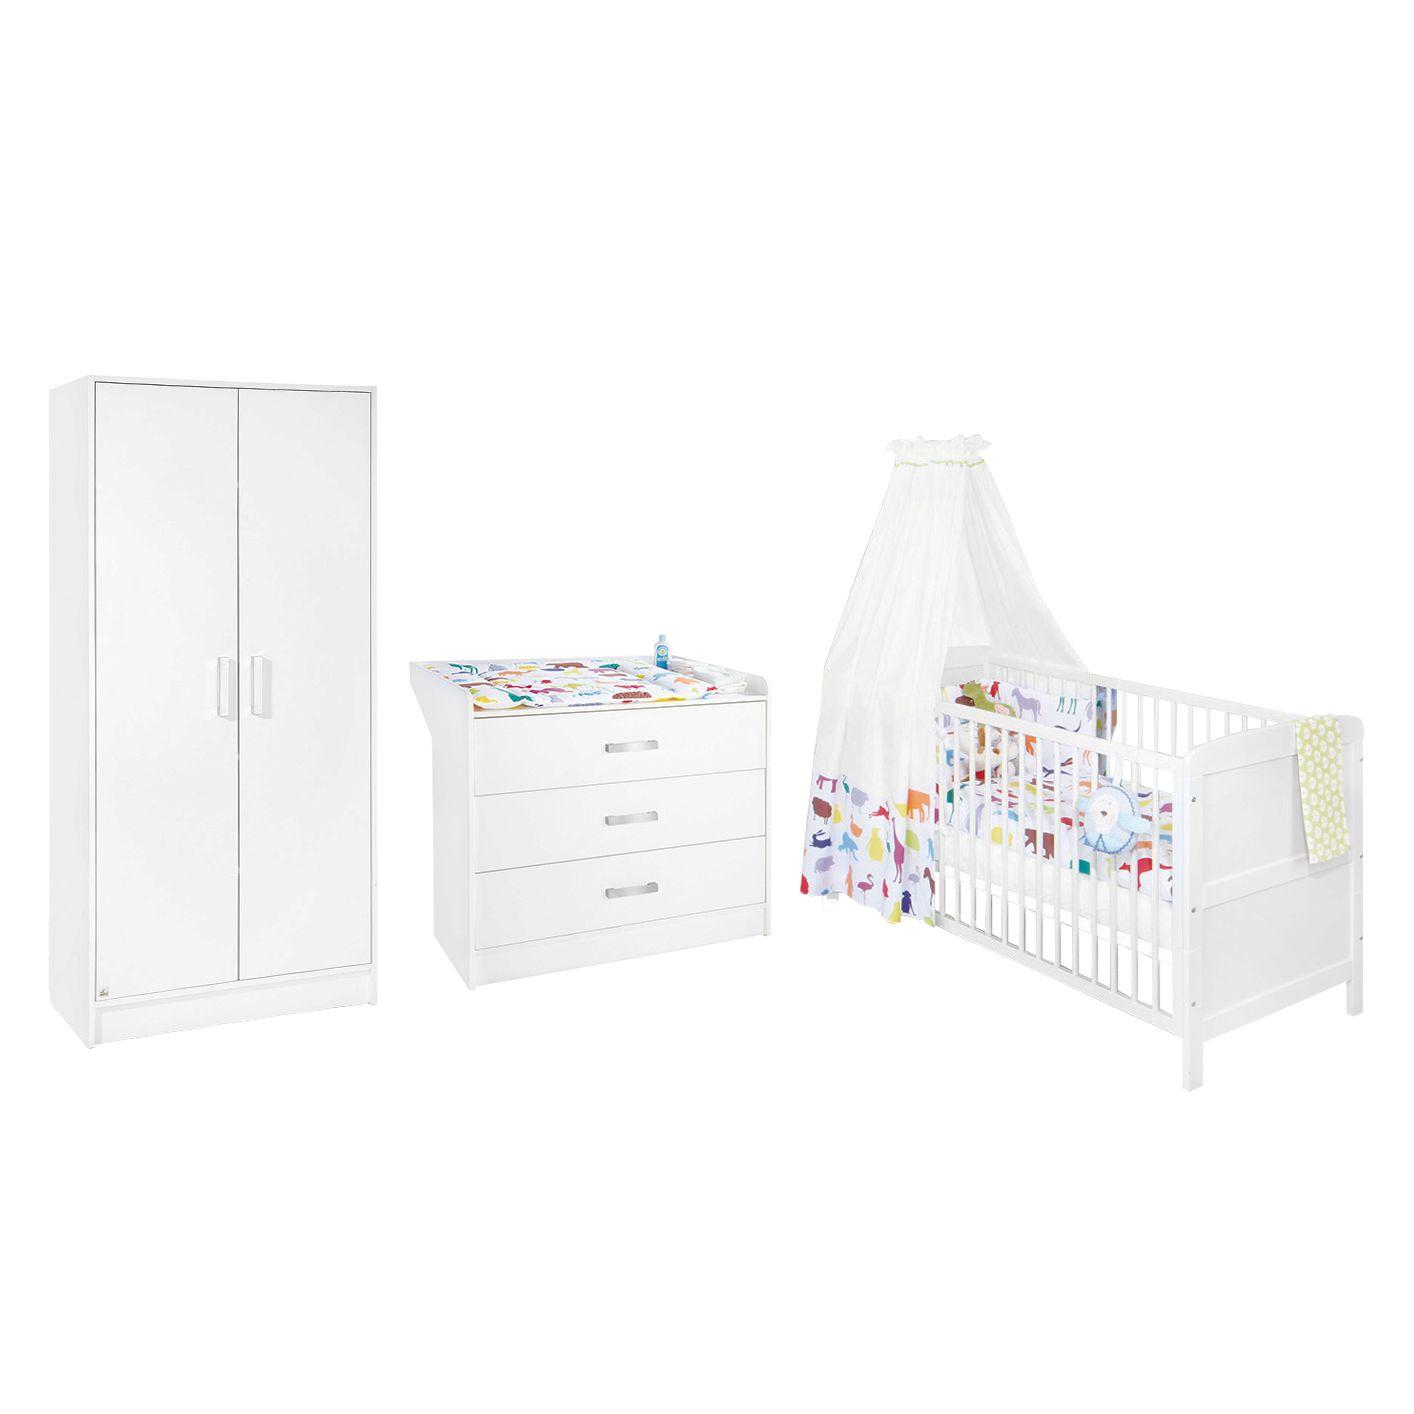 Kinderzimmer Viktoria (3-teilig) - Kiefer teilmassiv - Weiß, Pinolino